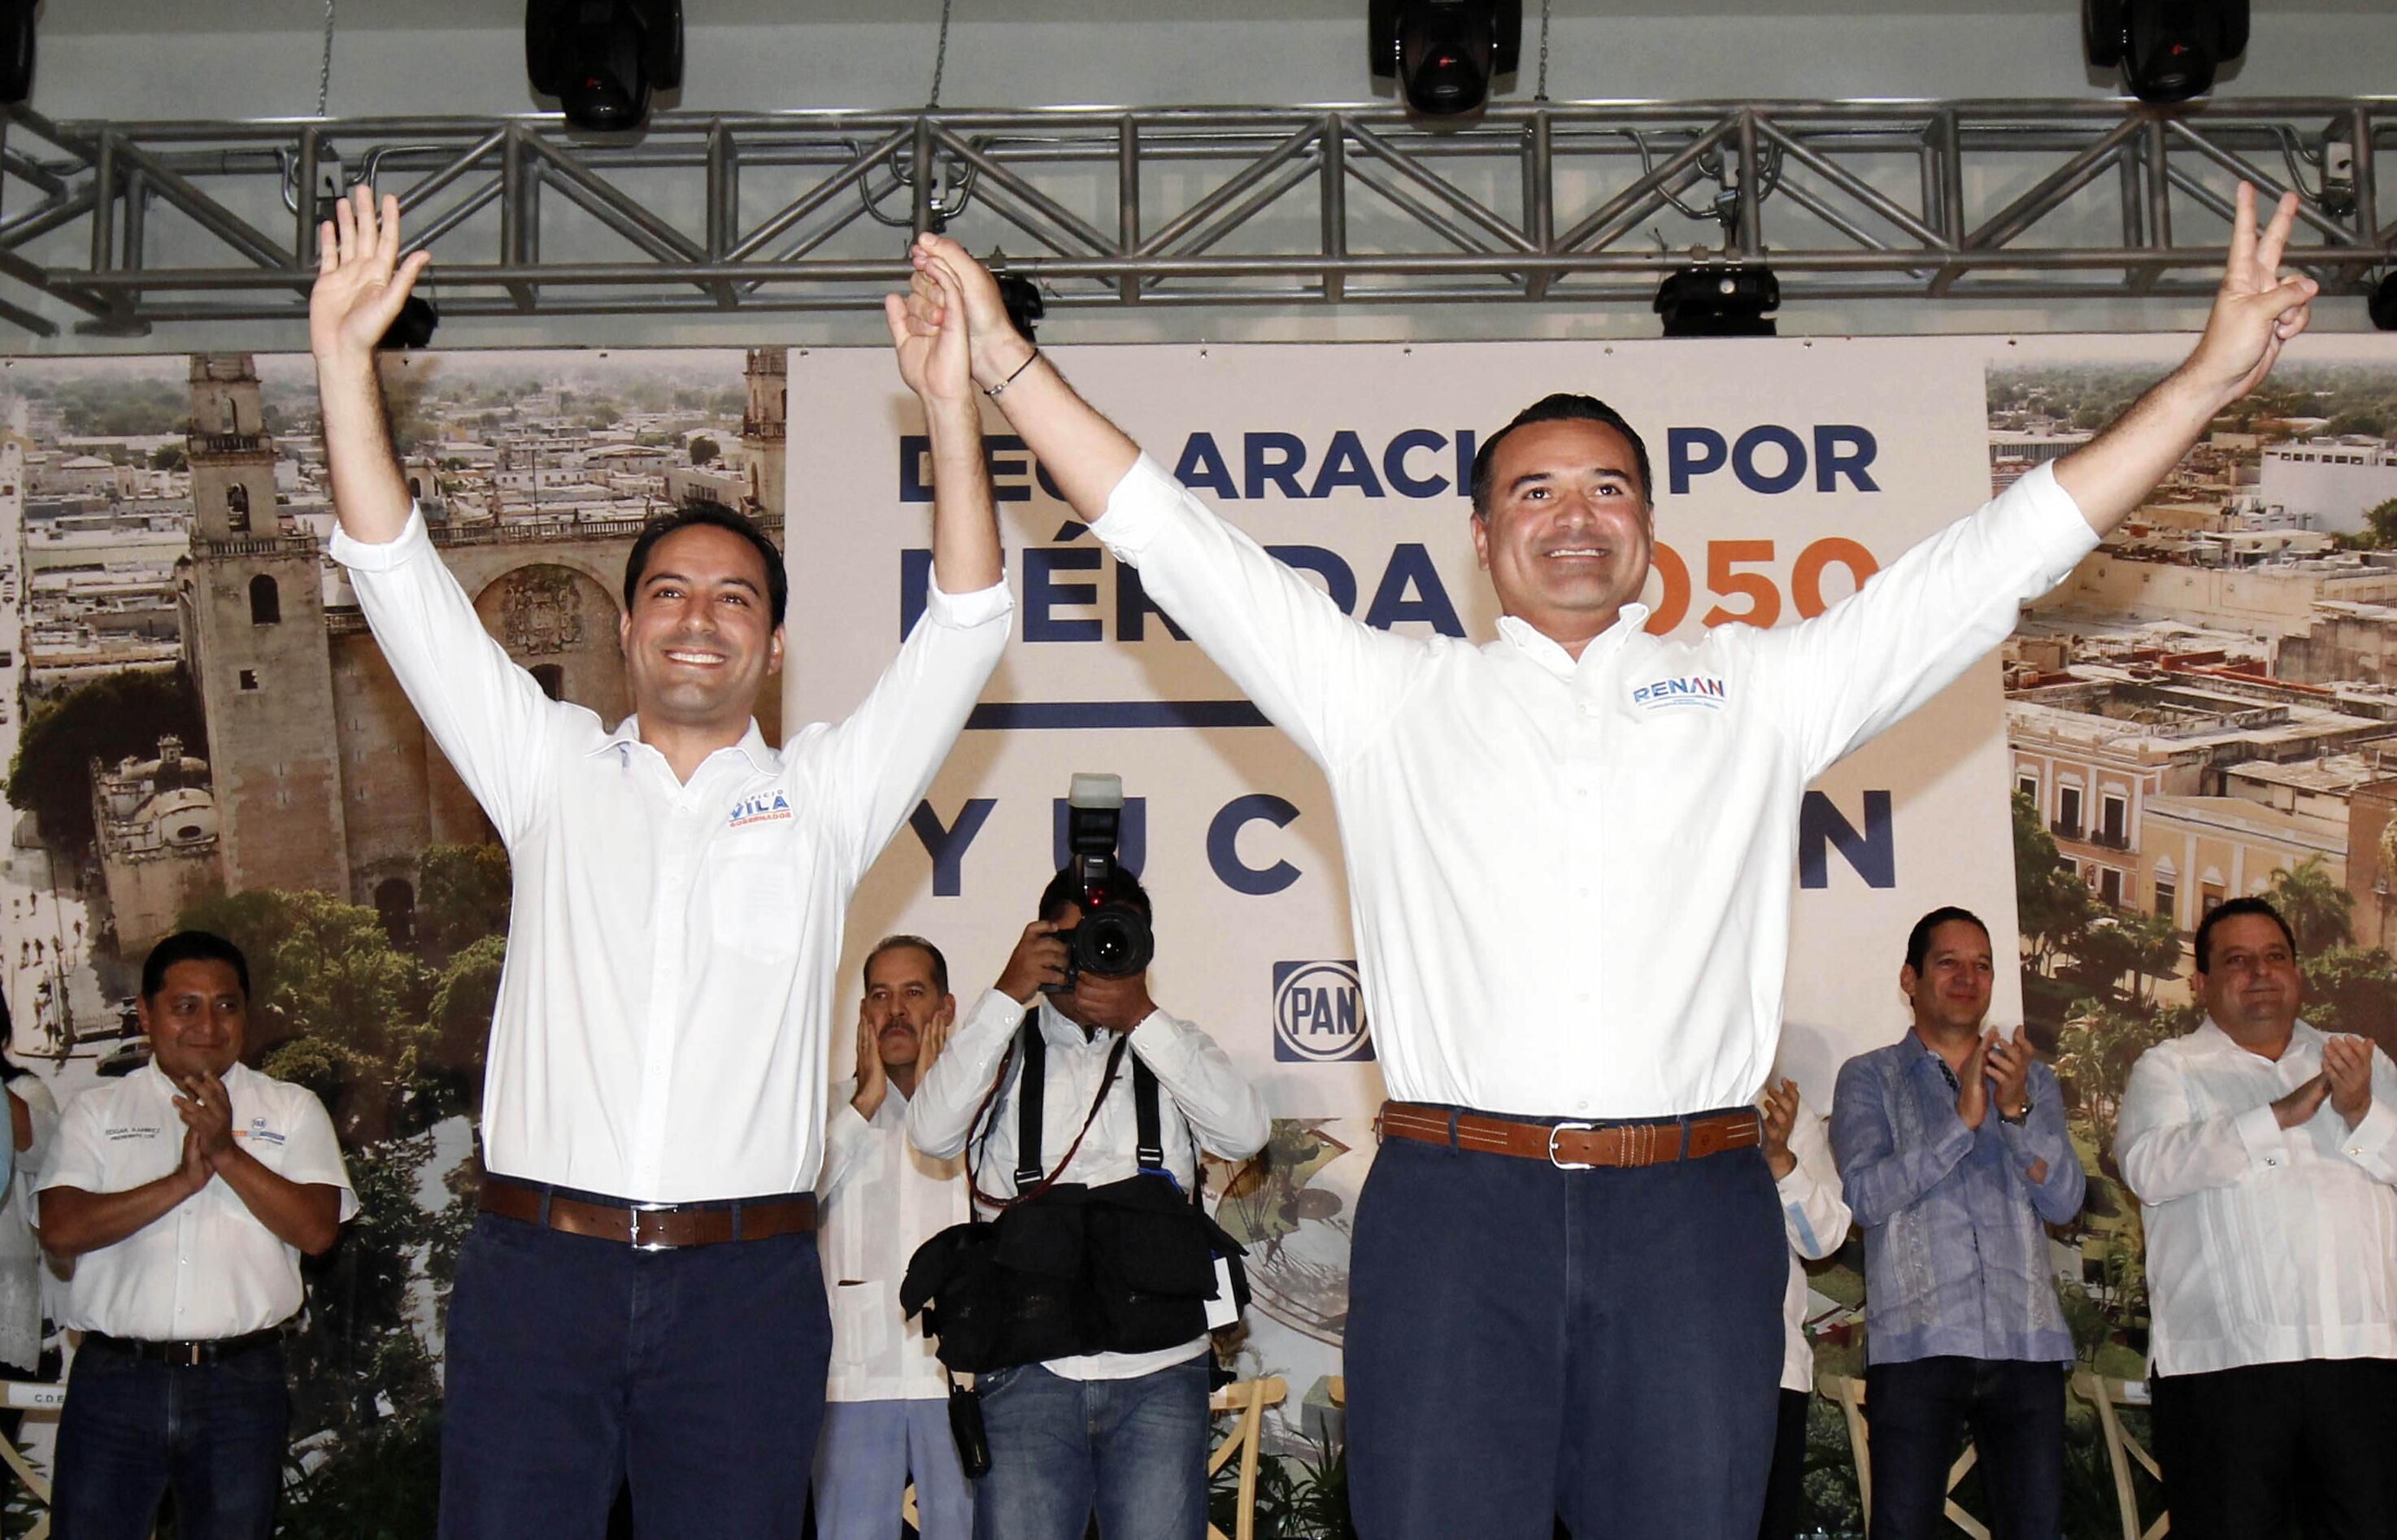 Mauricio Vila y Renán Barrera: Declaración por Mérida 2050